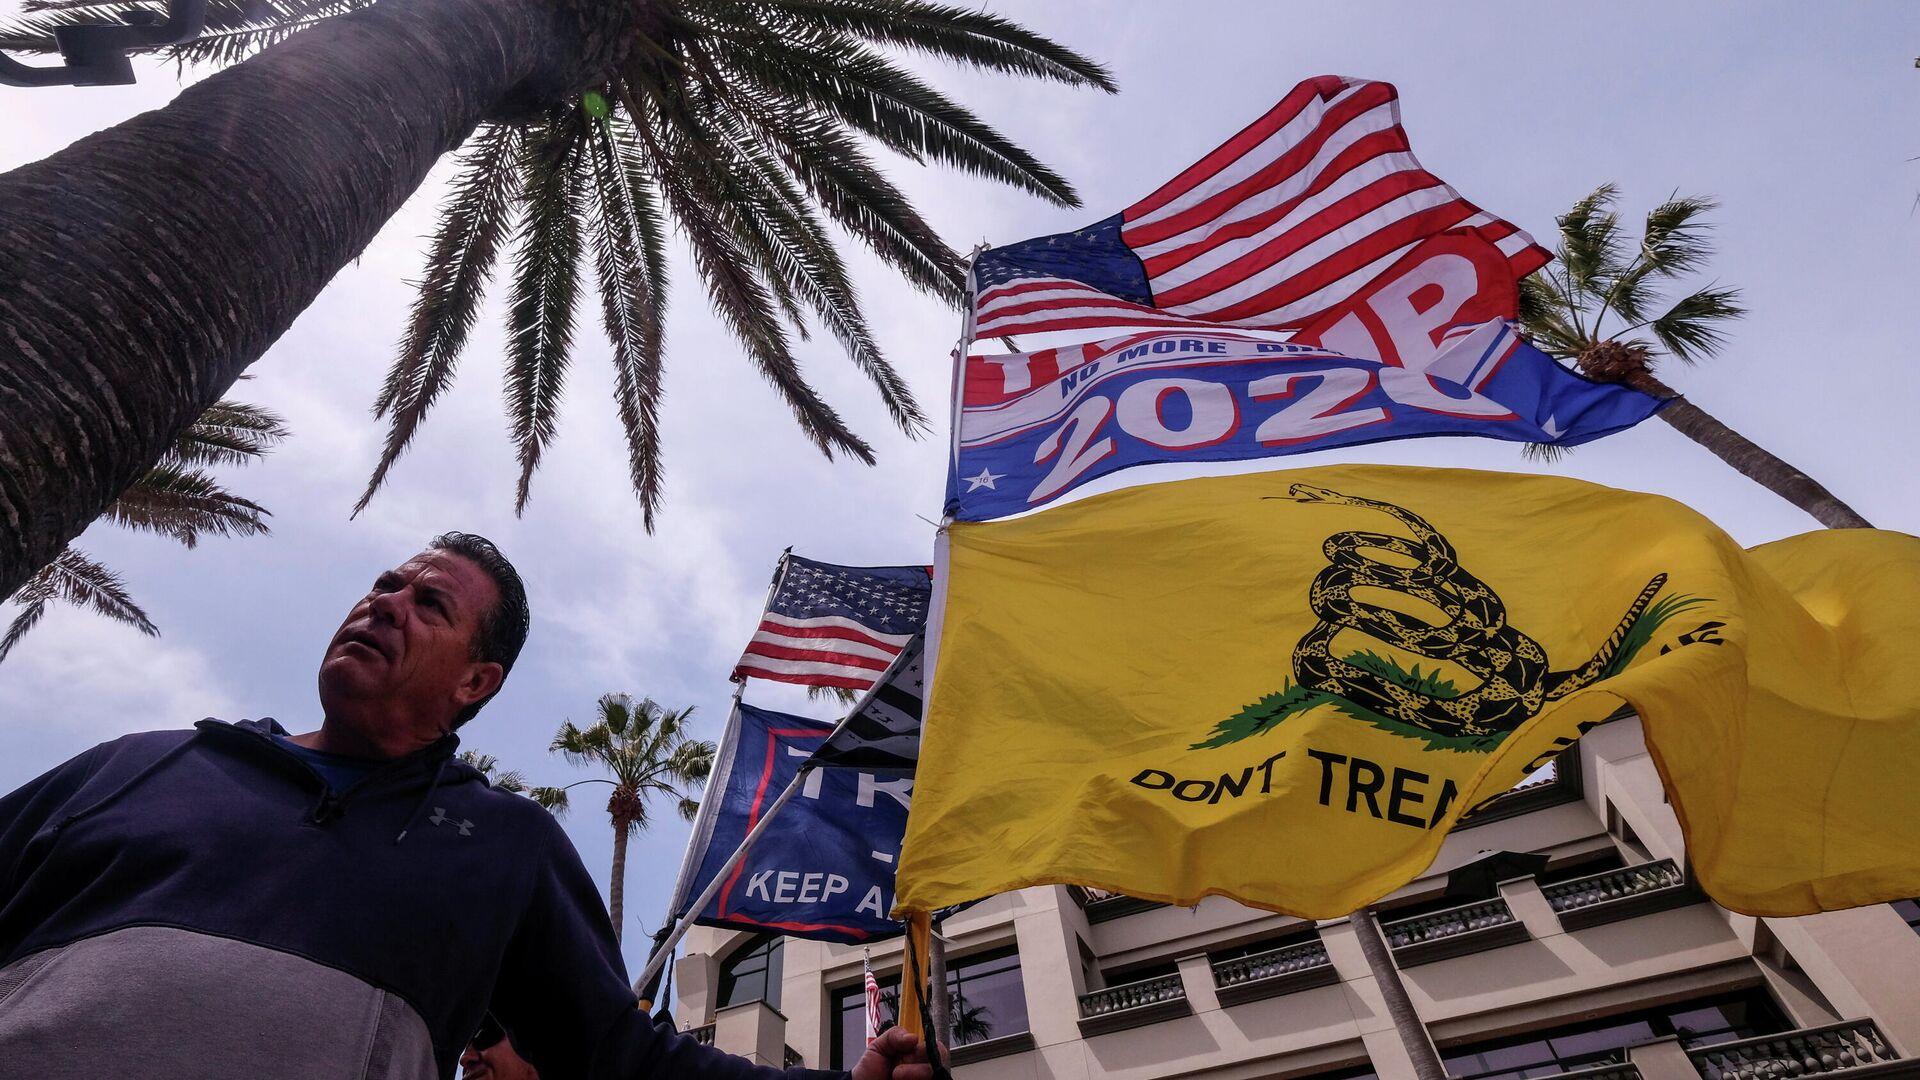 Мужчина с флагами на акции White Lives Matter в Хантингтон-Бич, Калифорния, США - РИА Новости, 1920, 12.04.2021